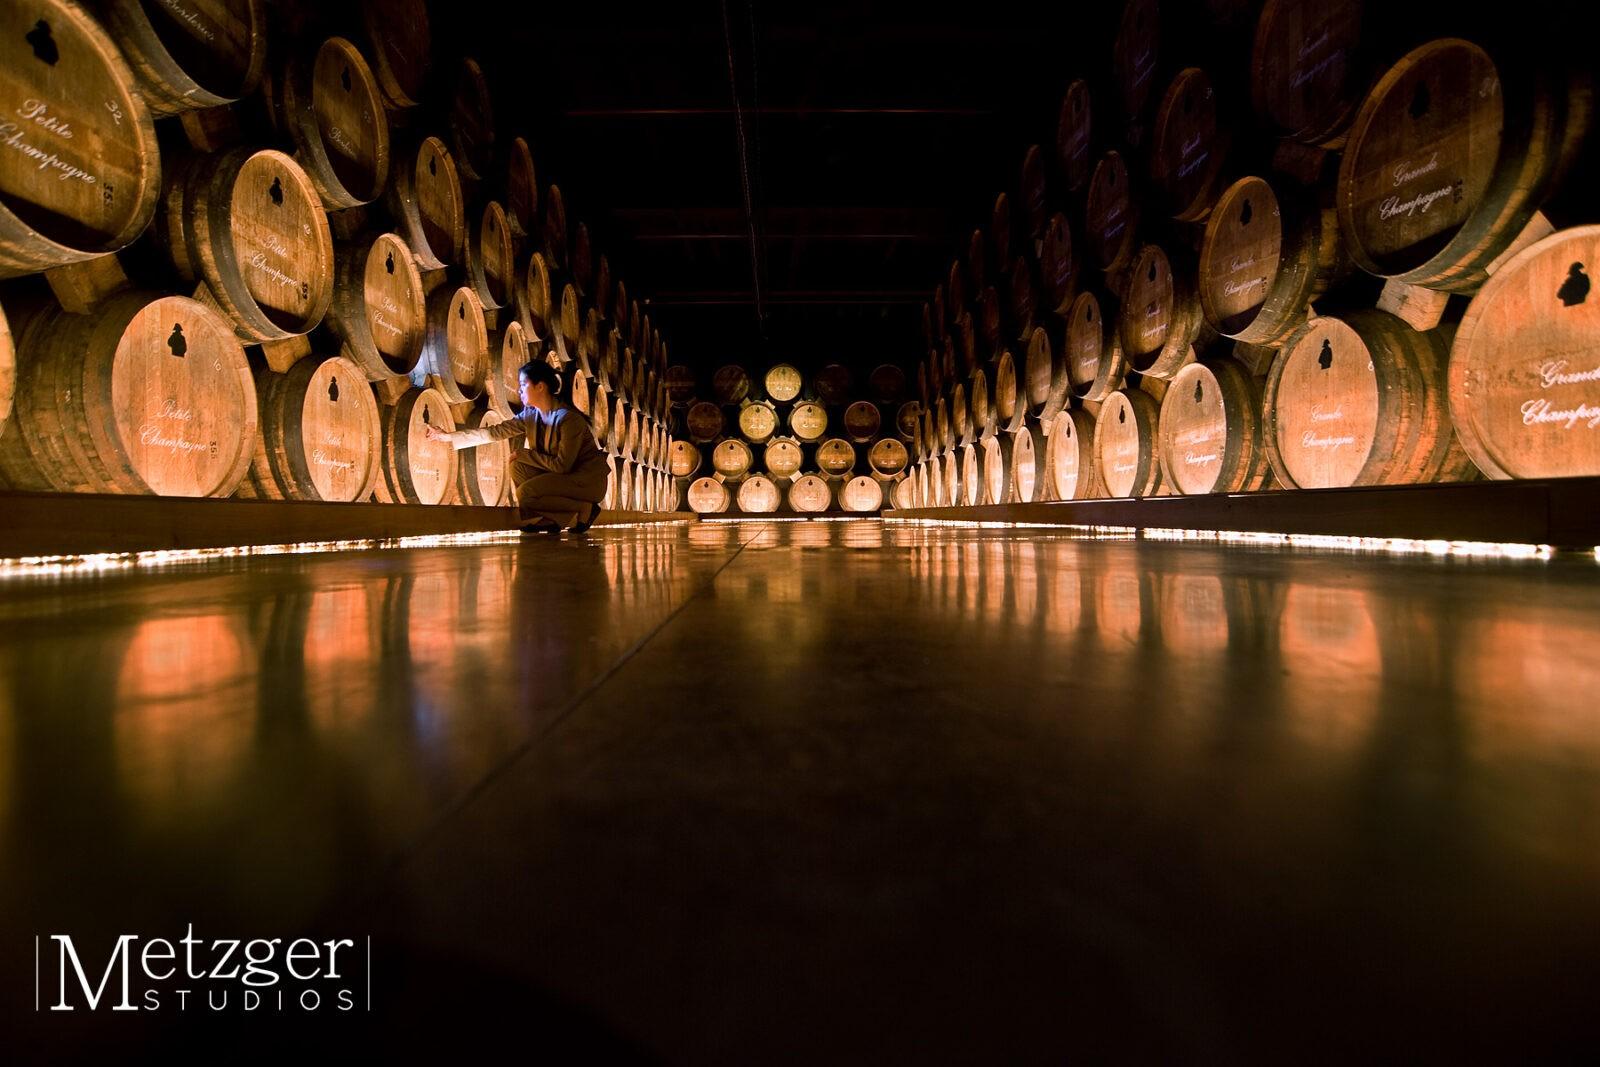 courvoisier cognac commercial